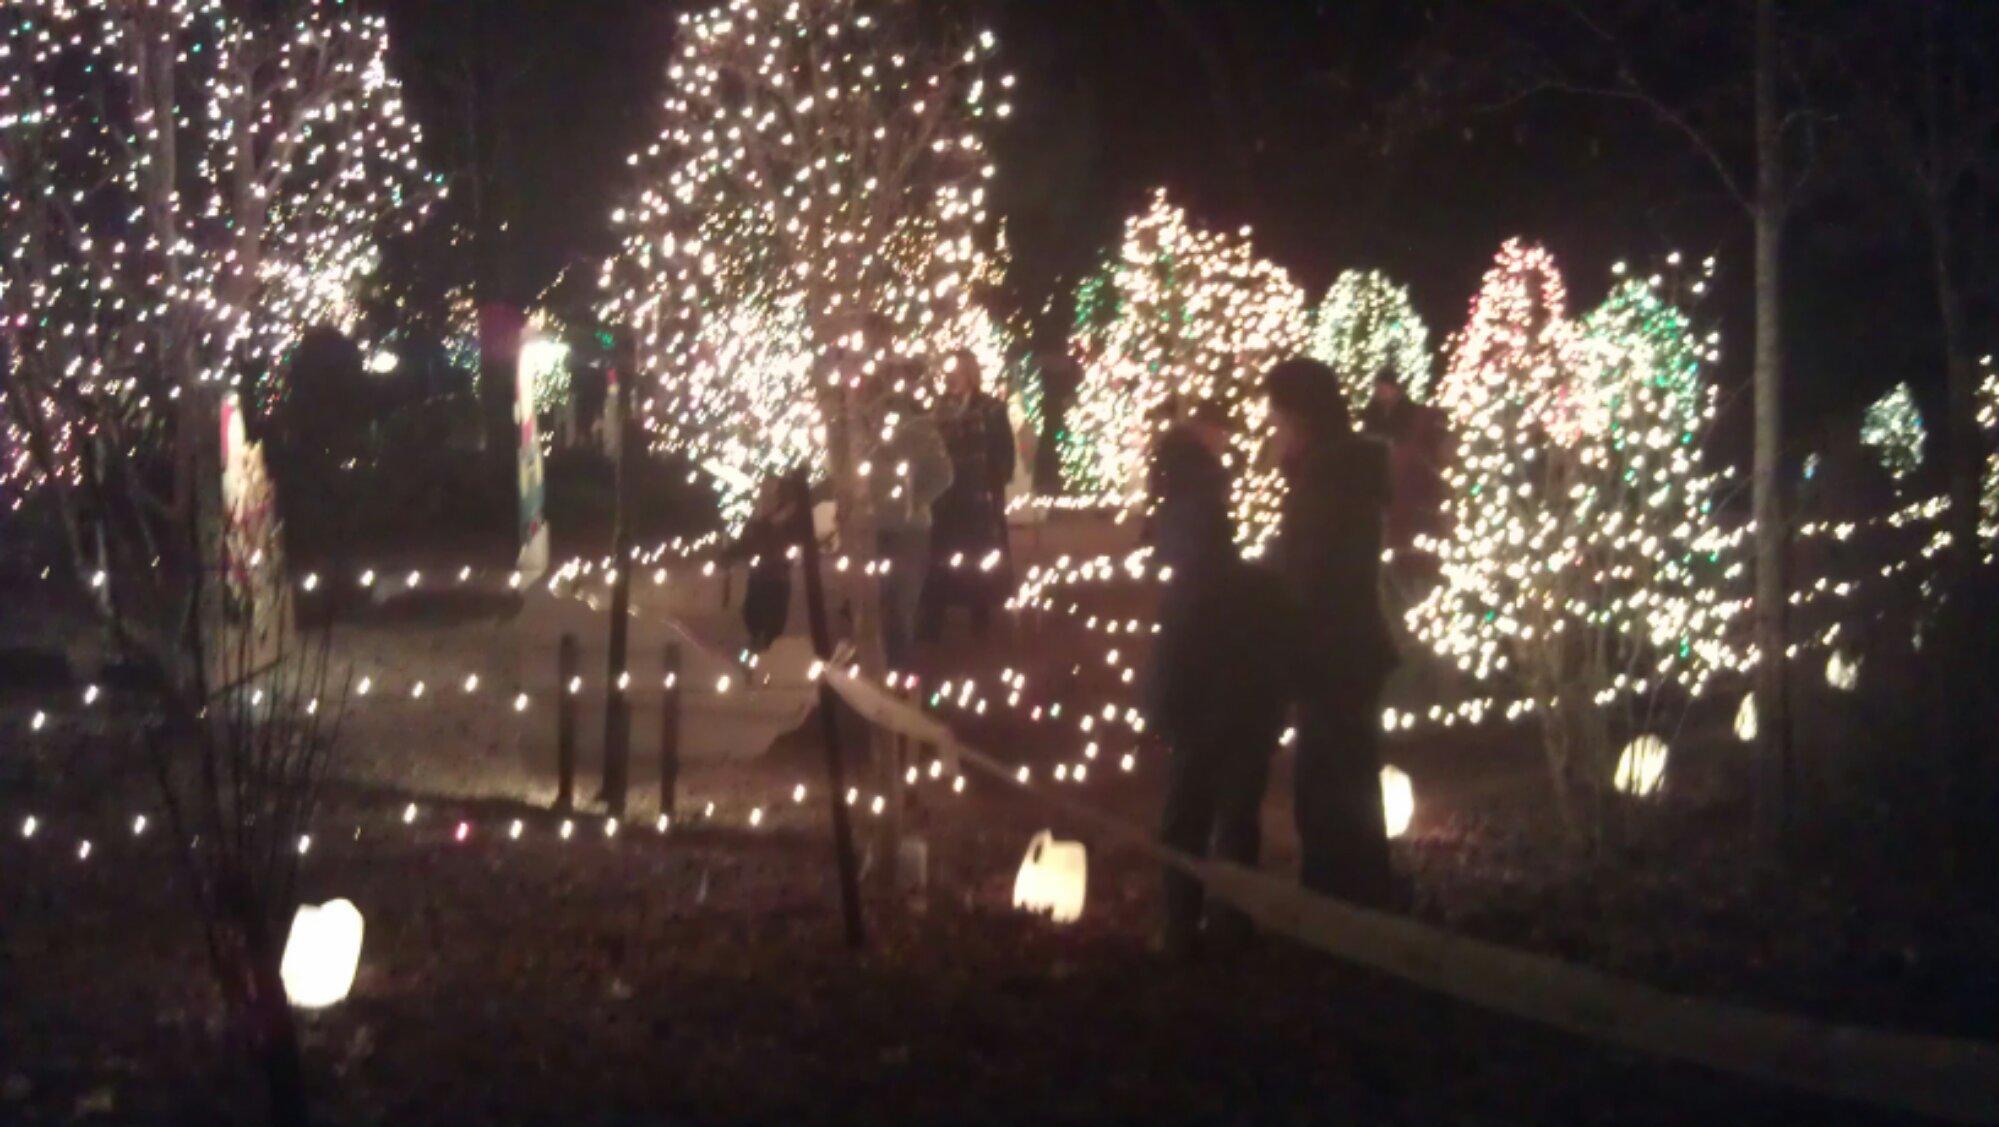 Purvis 圣诞灯展-祝弟兄姊妹们圣诞愉快,新年蒙恩!